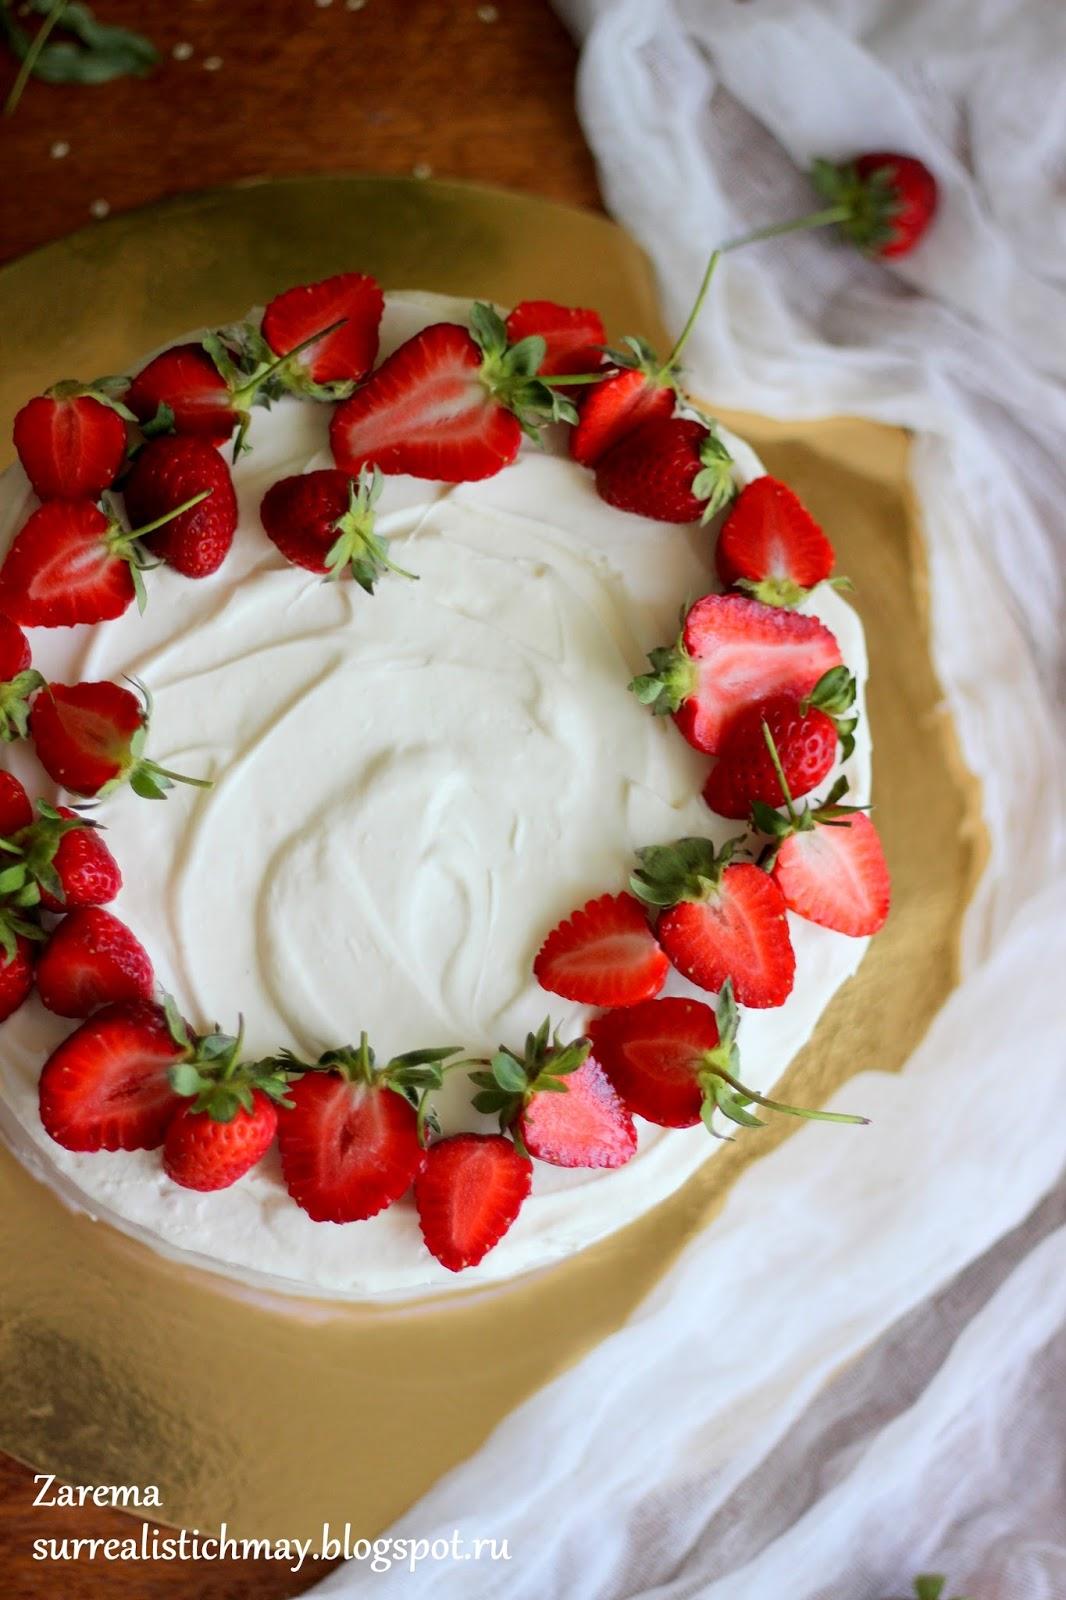 Украшение торт клубникой фото пошагово